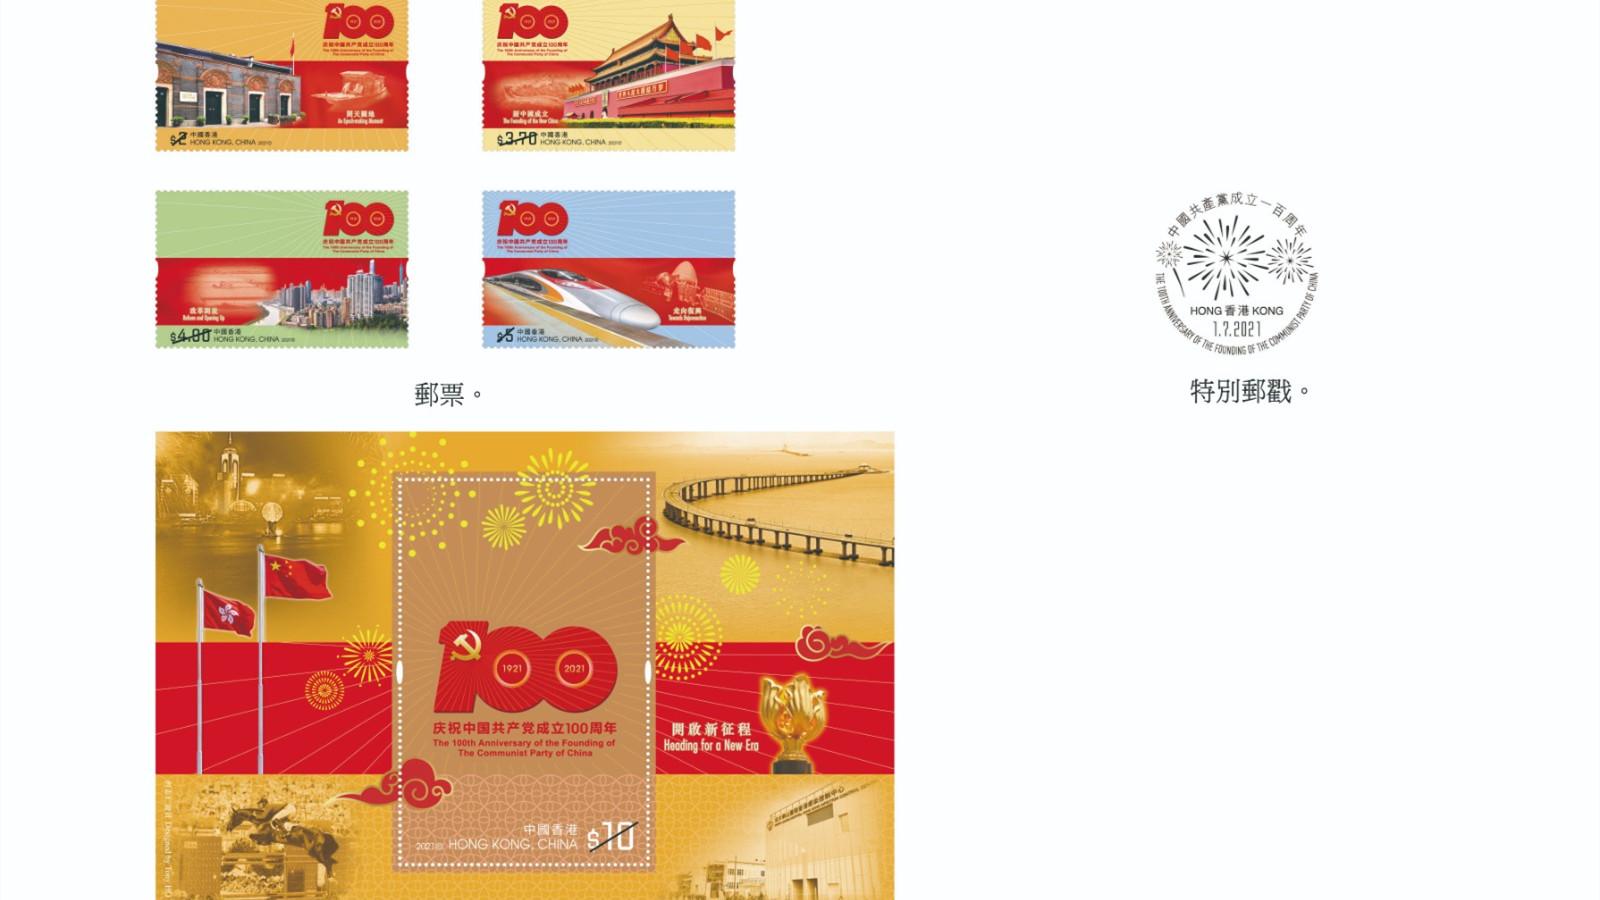 中國共產黨成立一百周年紀念郵品七月一日38間集郵局發售